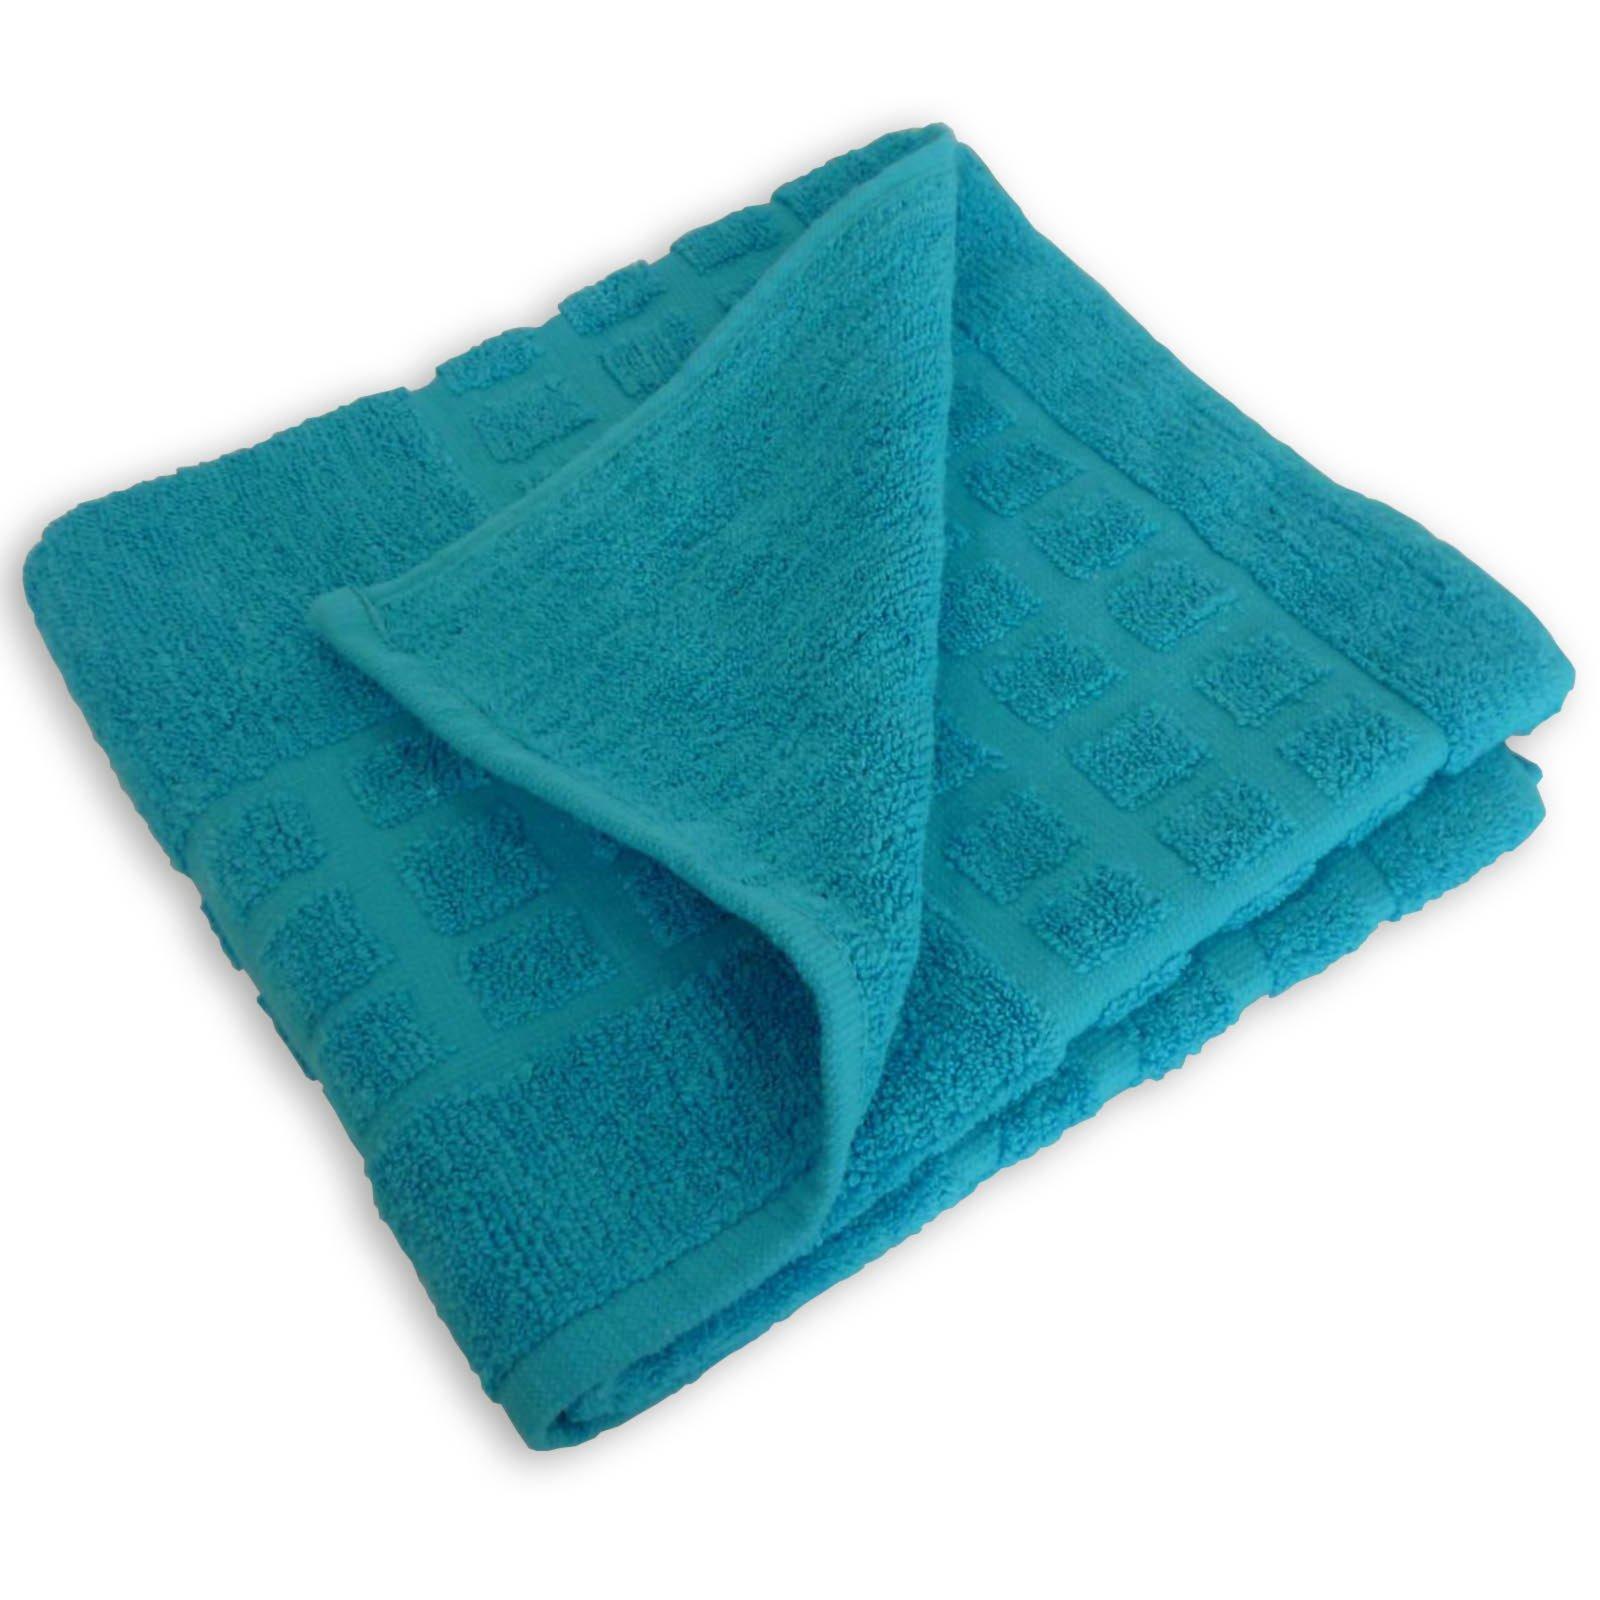 badvorleger premium t rkis 50x70 cm badteppiche matten teppiche l ufer deko. Black Bedroom Furniture Sets. Home Design Ideas